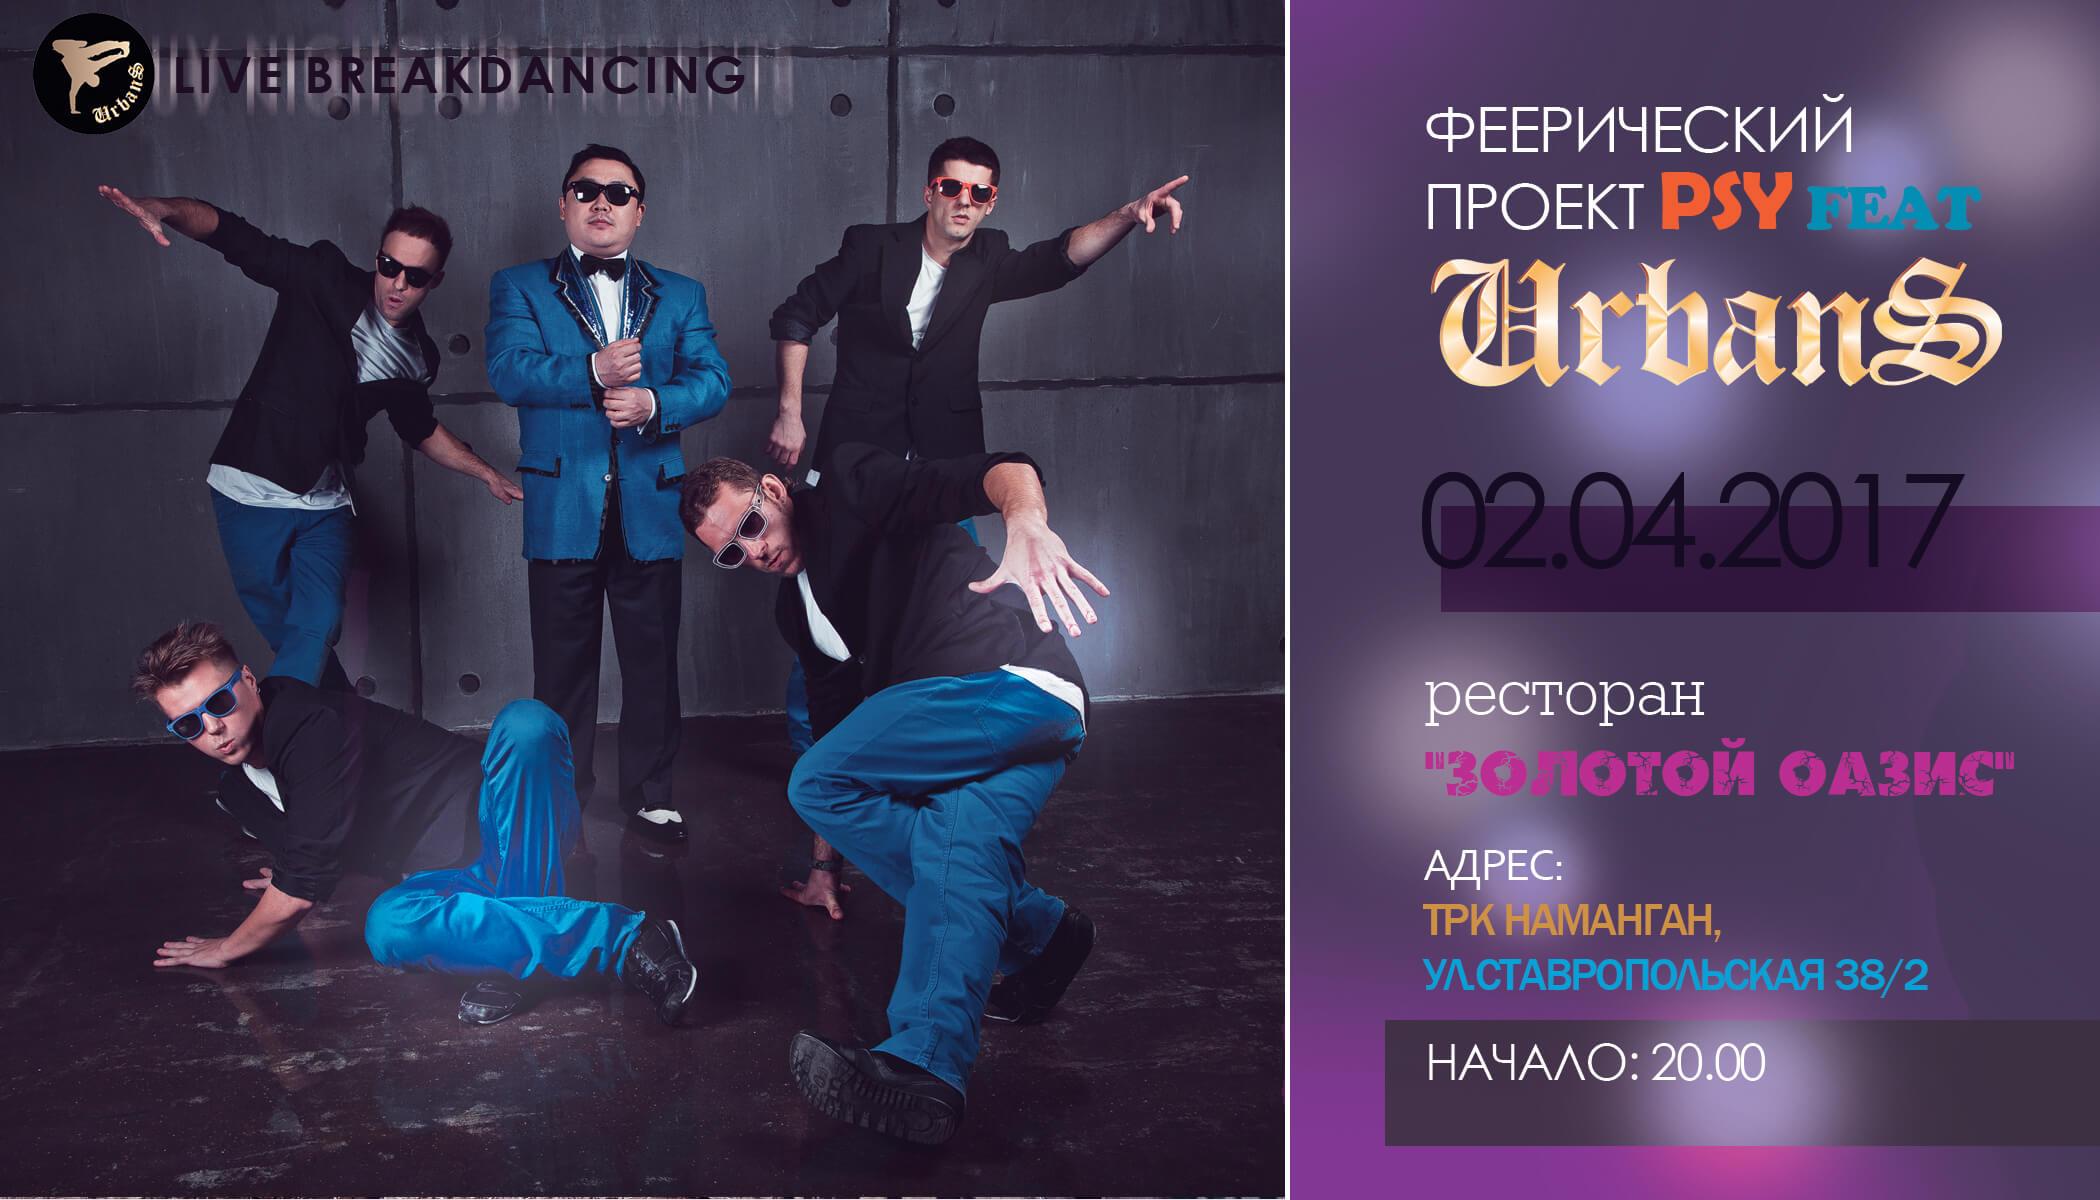 Феерический проект PSY feat Urbans, Золотой Оазис, ТРК Наманган